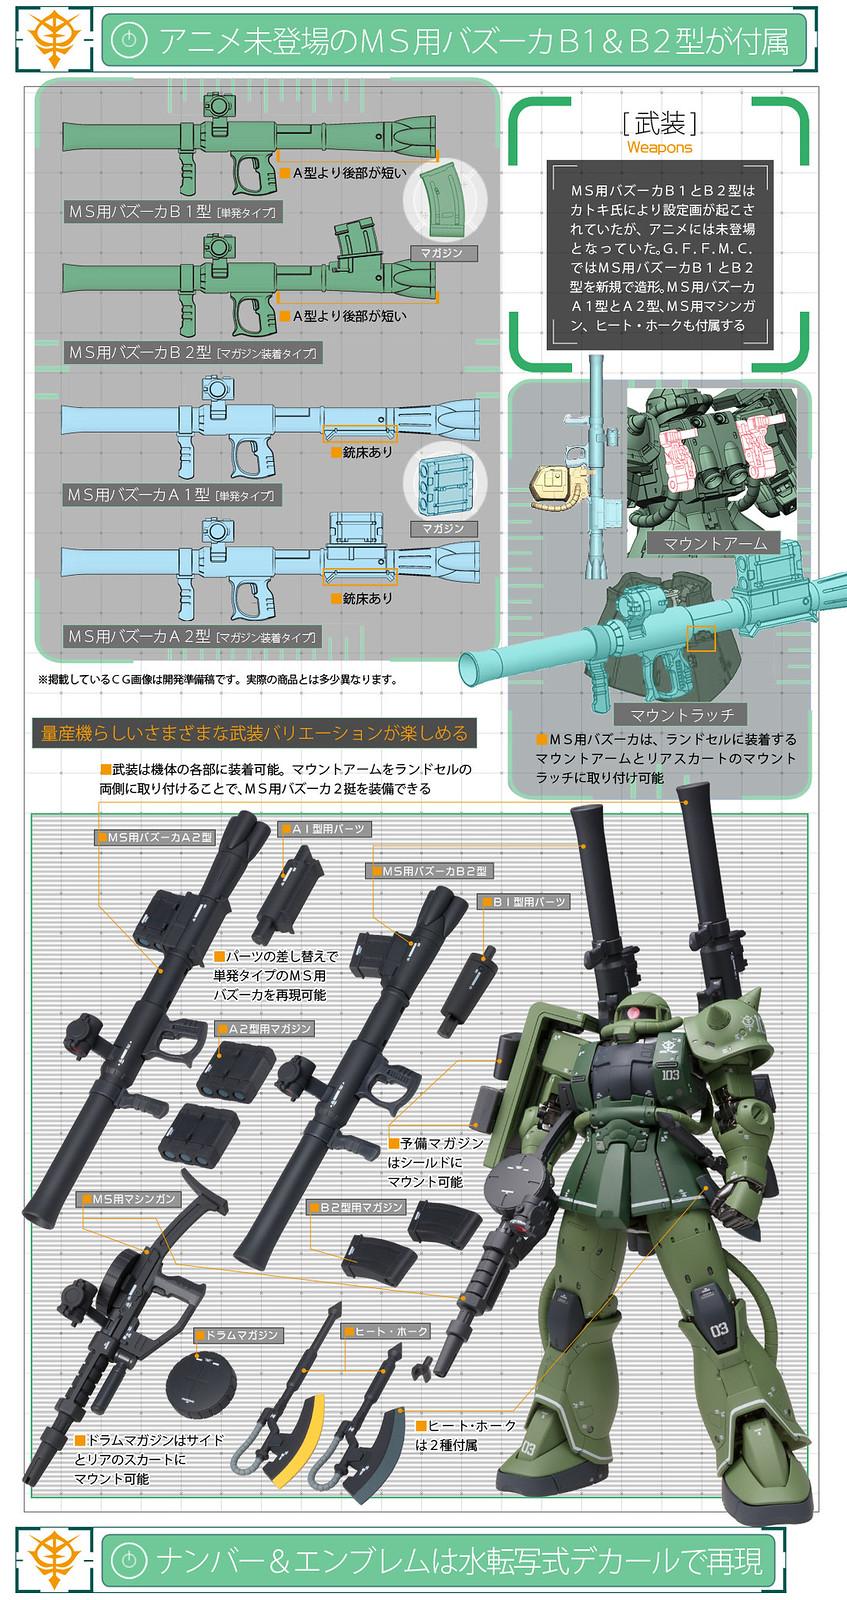 吉翁主力量產機終於現身!G.F.F.METAL COMPOSITE《機動戰士鋼彈 THE ORIGIN》MS-06C「薩克Ⅱ C型」商品情報公開